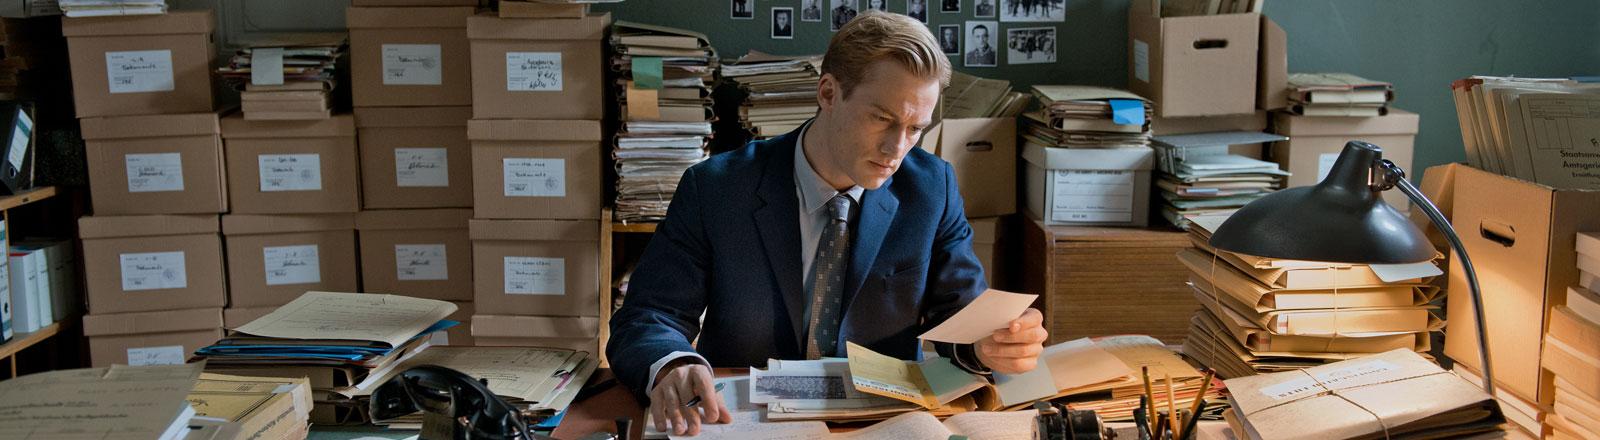 """Der junge Staatssanwalt Johann Radmann (Alexander Fehling) bei seiner Recherche nach Nazi-Verbrechern - eine Szene des Films """"Im Labyrinth des Schweigens"""""""